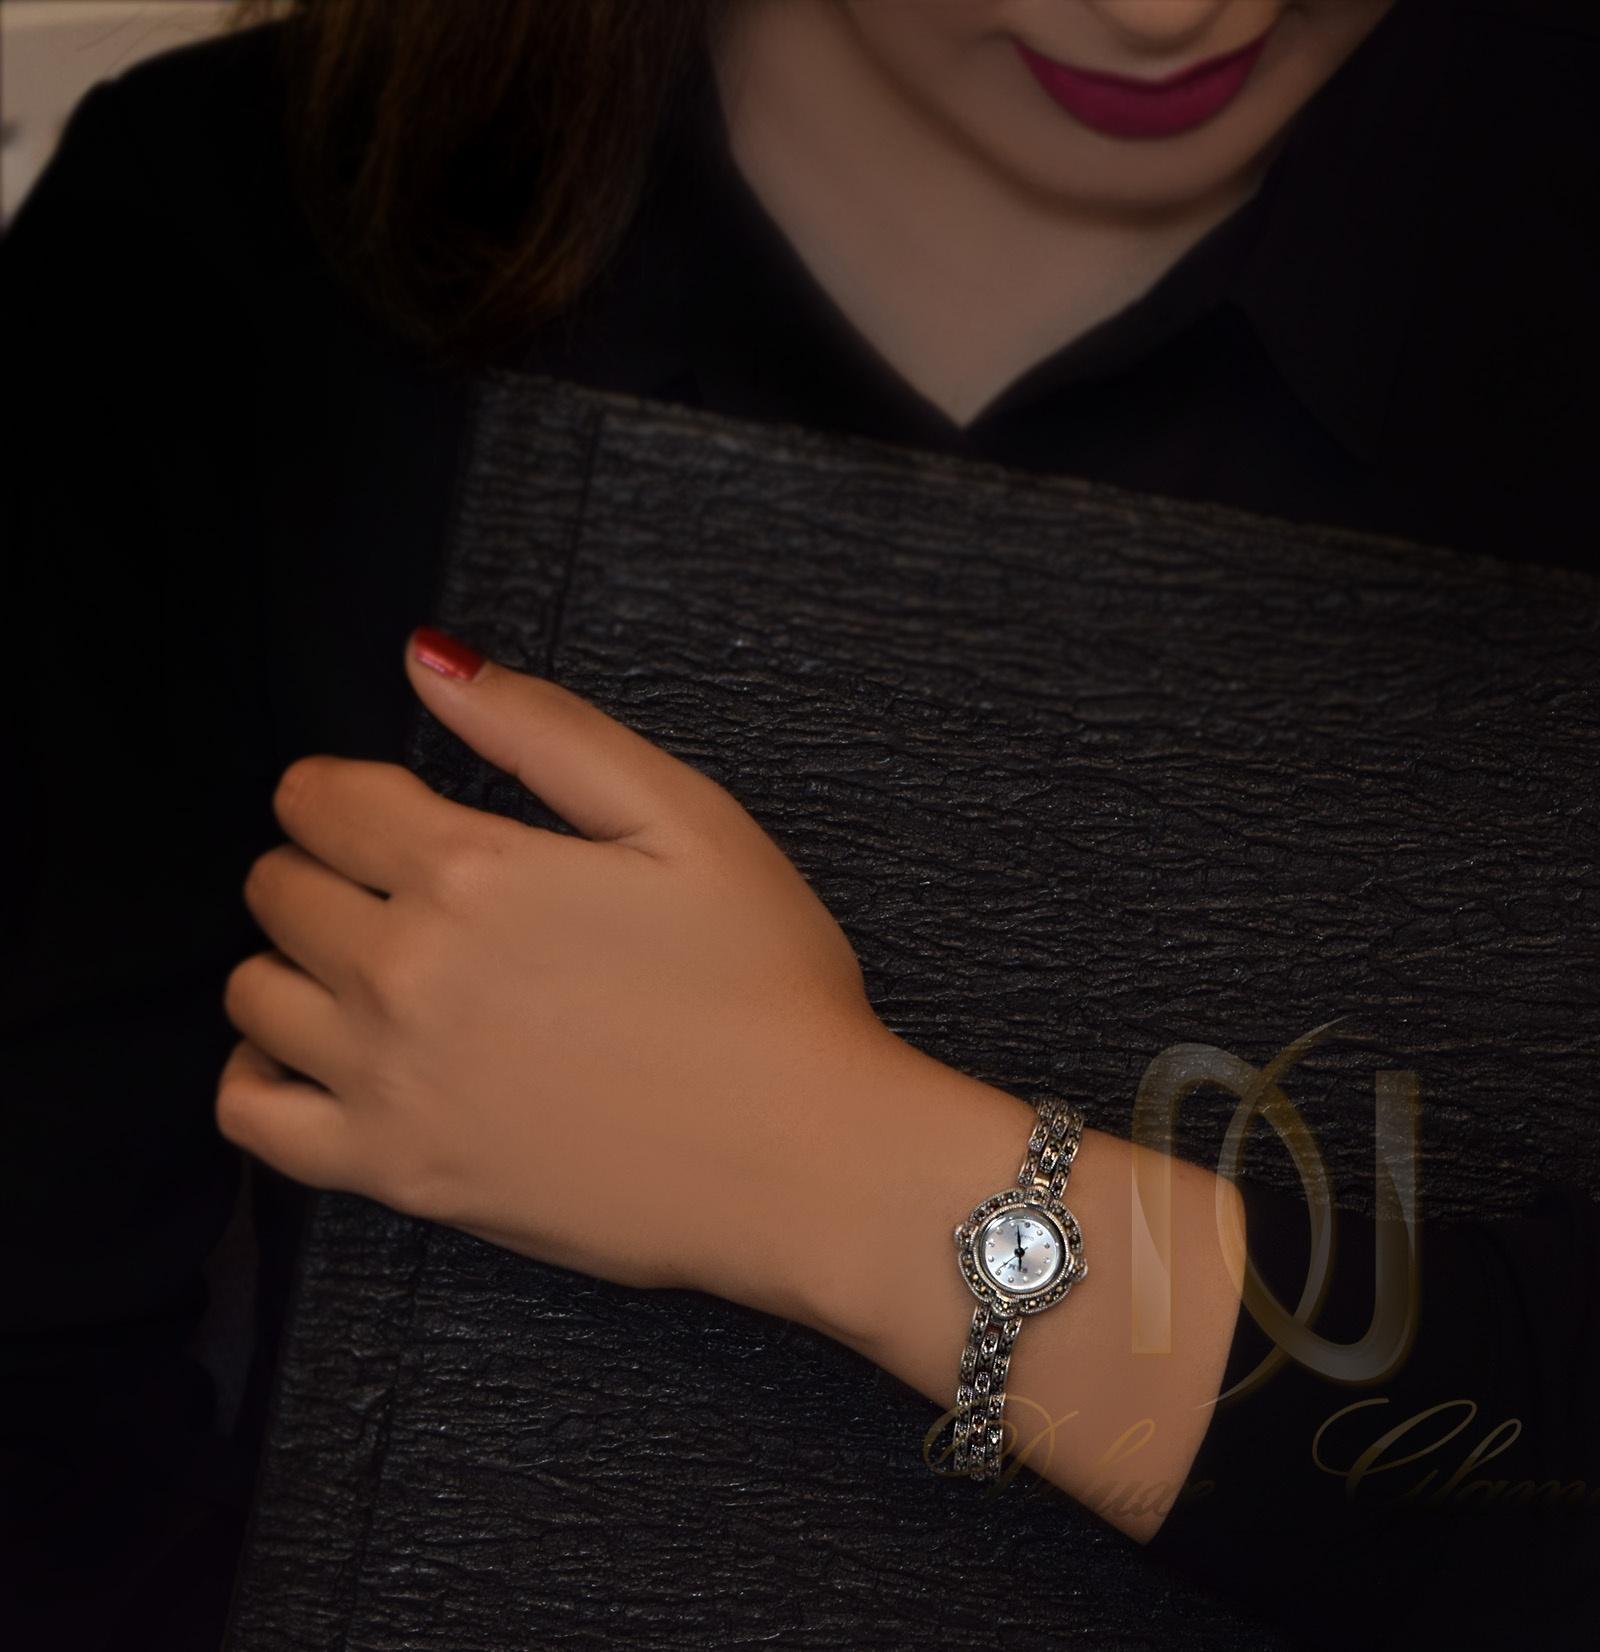 ساعت نقره زنانه سیاه قلم نگین مارکازیت wh-n106 از نمای روی دست